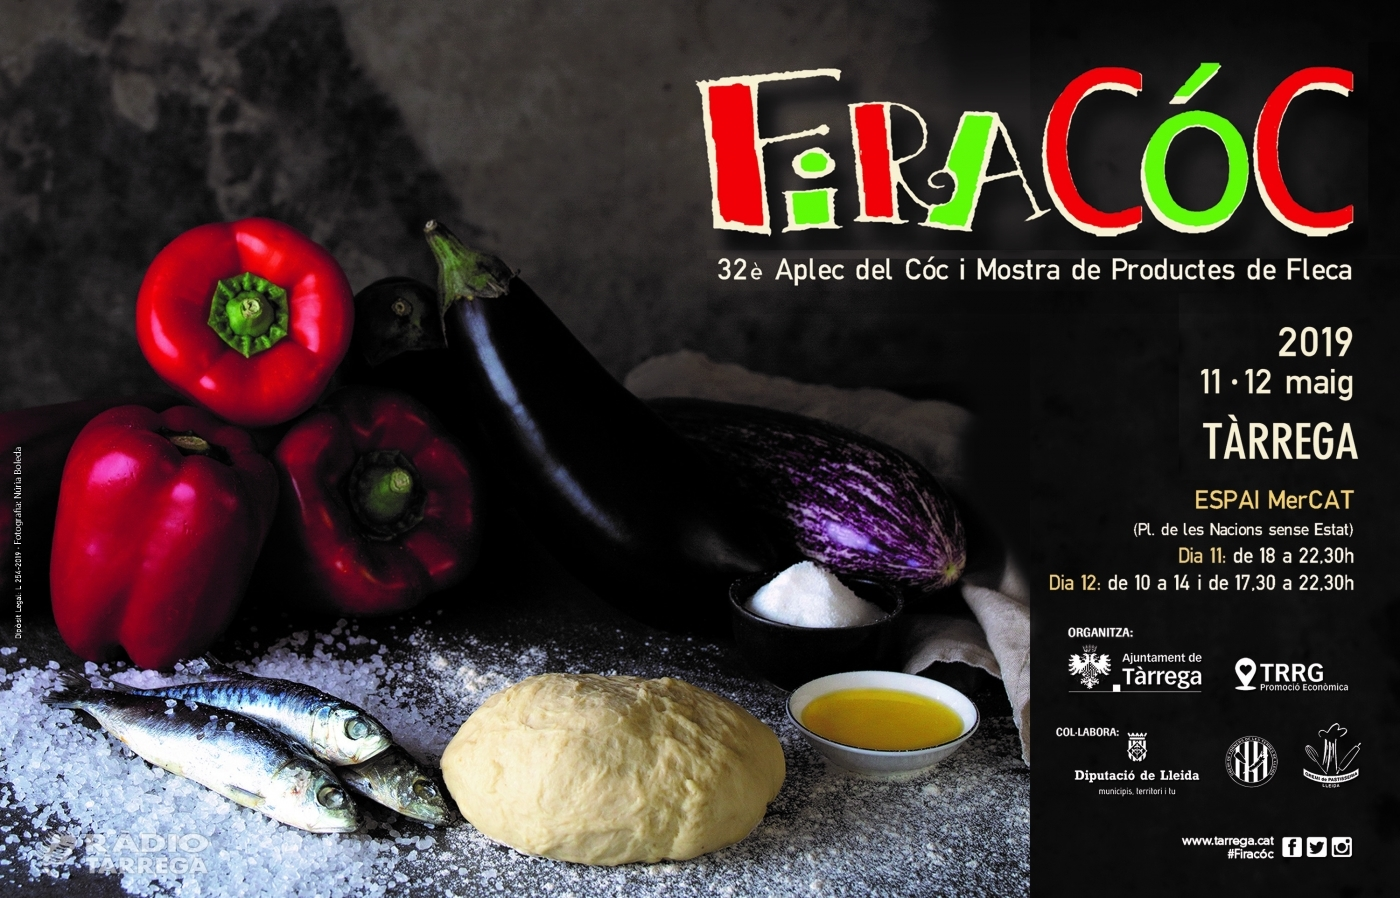 Tàrrega celebra la Firacóc 2019 els dies 11 i 12 de maig dins l'apartat gastronòmic de la Festa Major